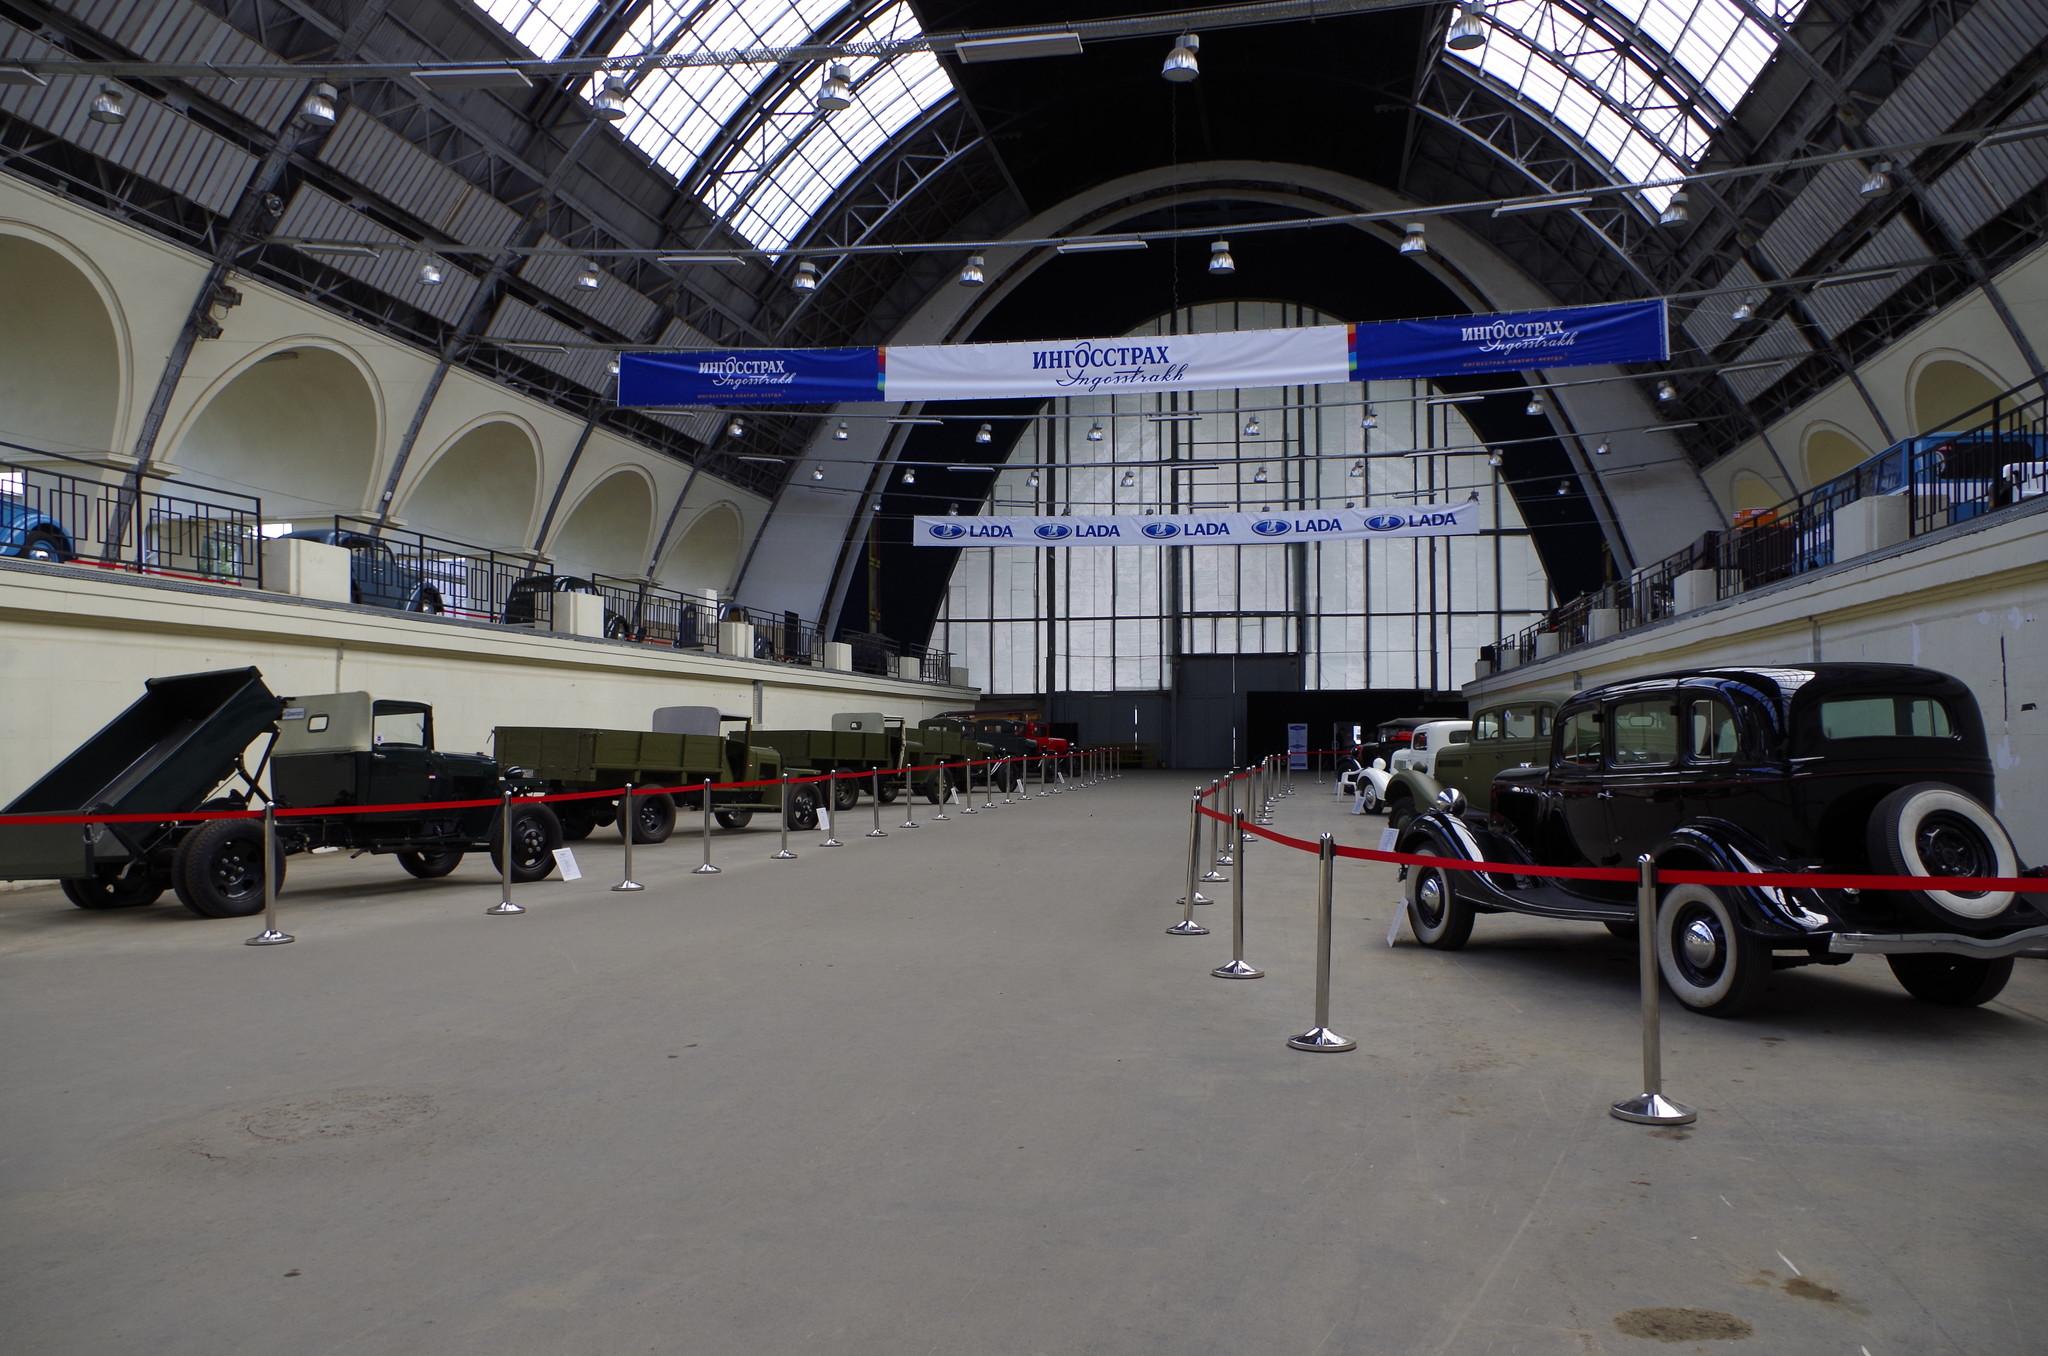 Выставка «Автомобильная промышленность», посвящённая 90-летию отечественного автомопрома и 75-летию ВДНХ